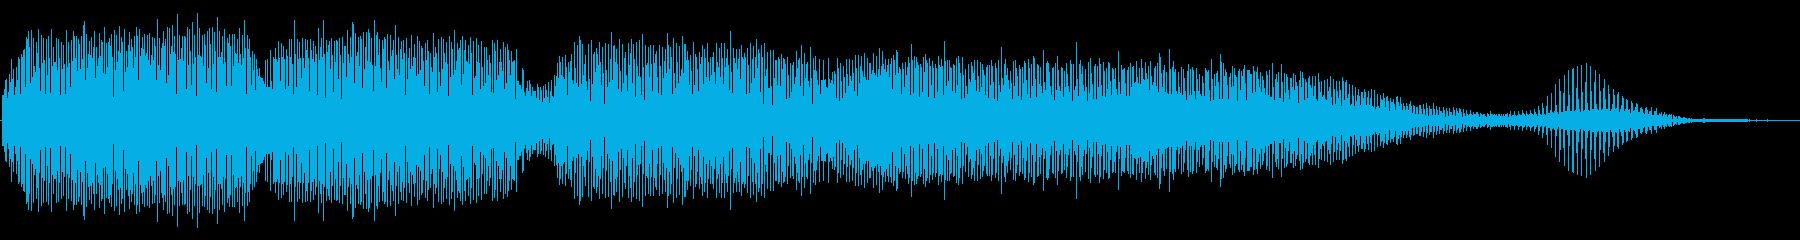 残念 失敗 トランペット フレーズの再生済みの波形